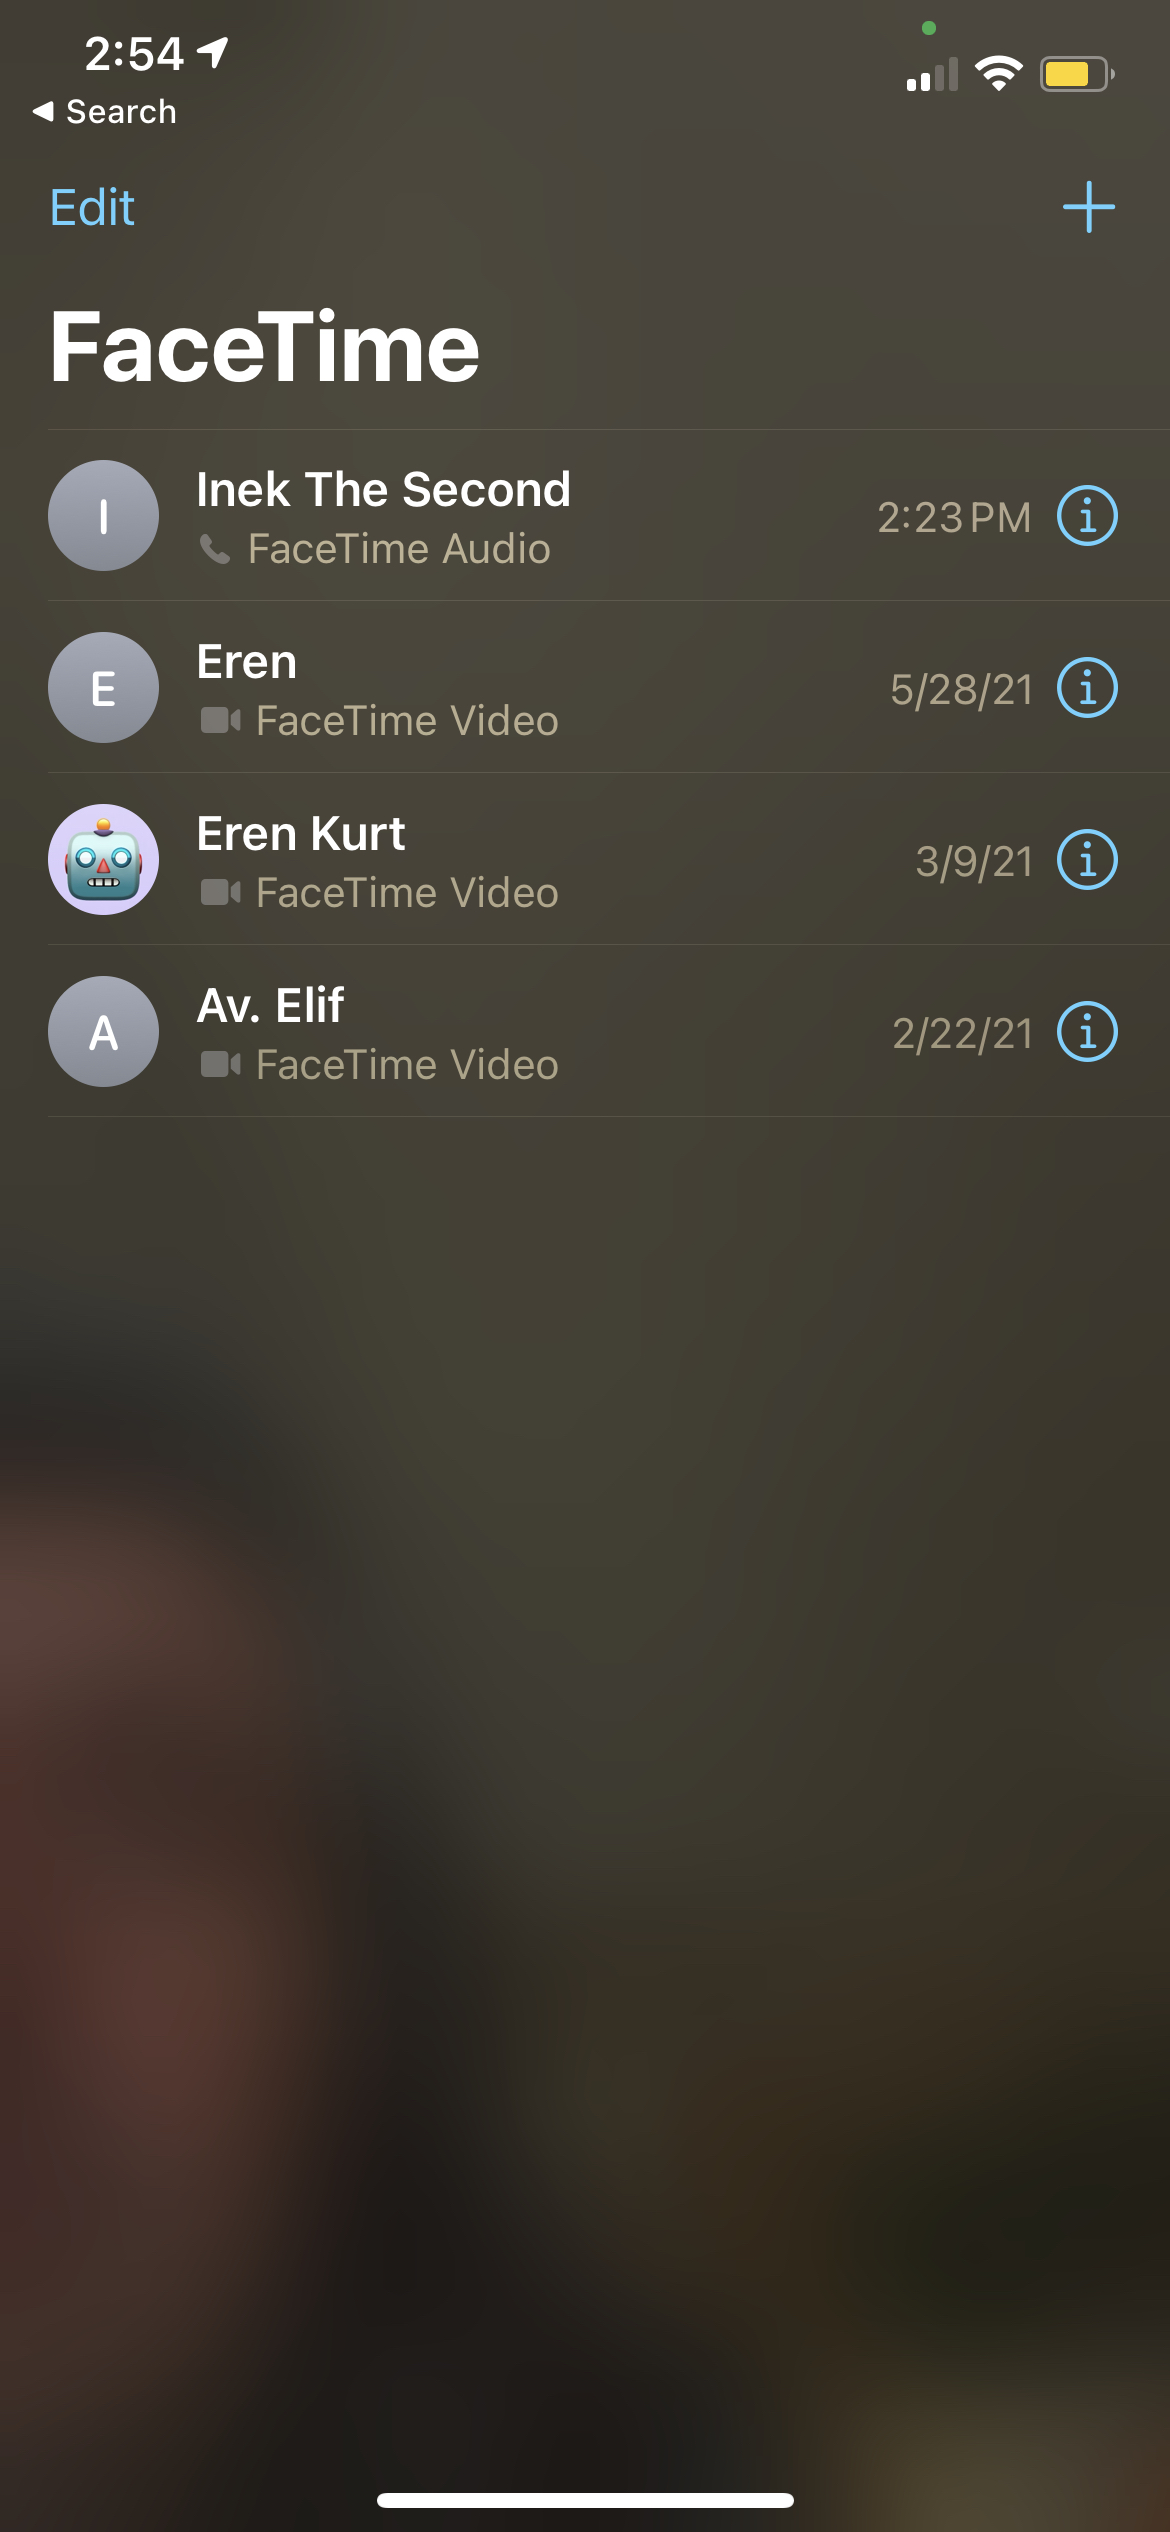 FaceTime call log